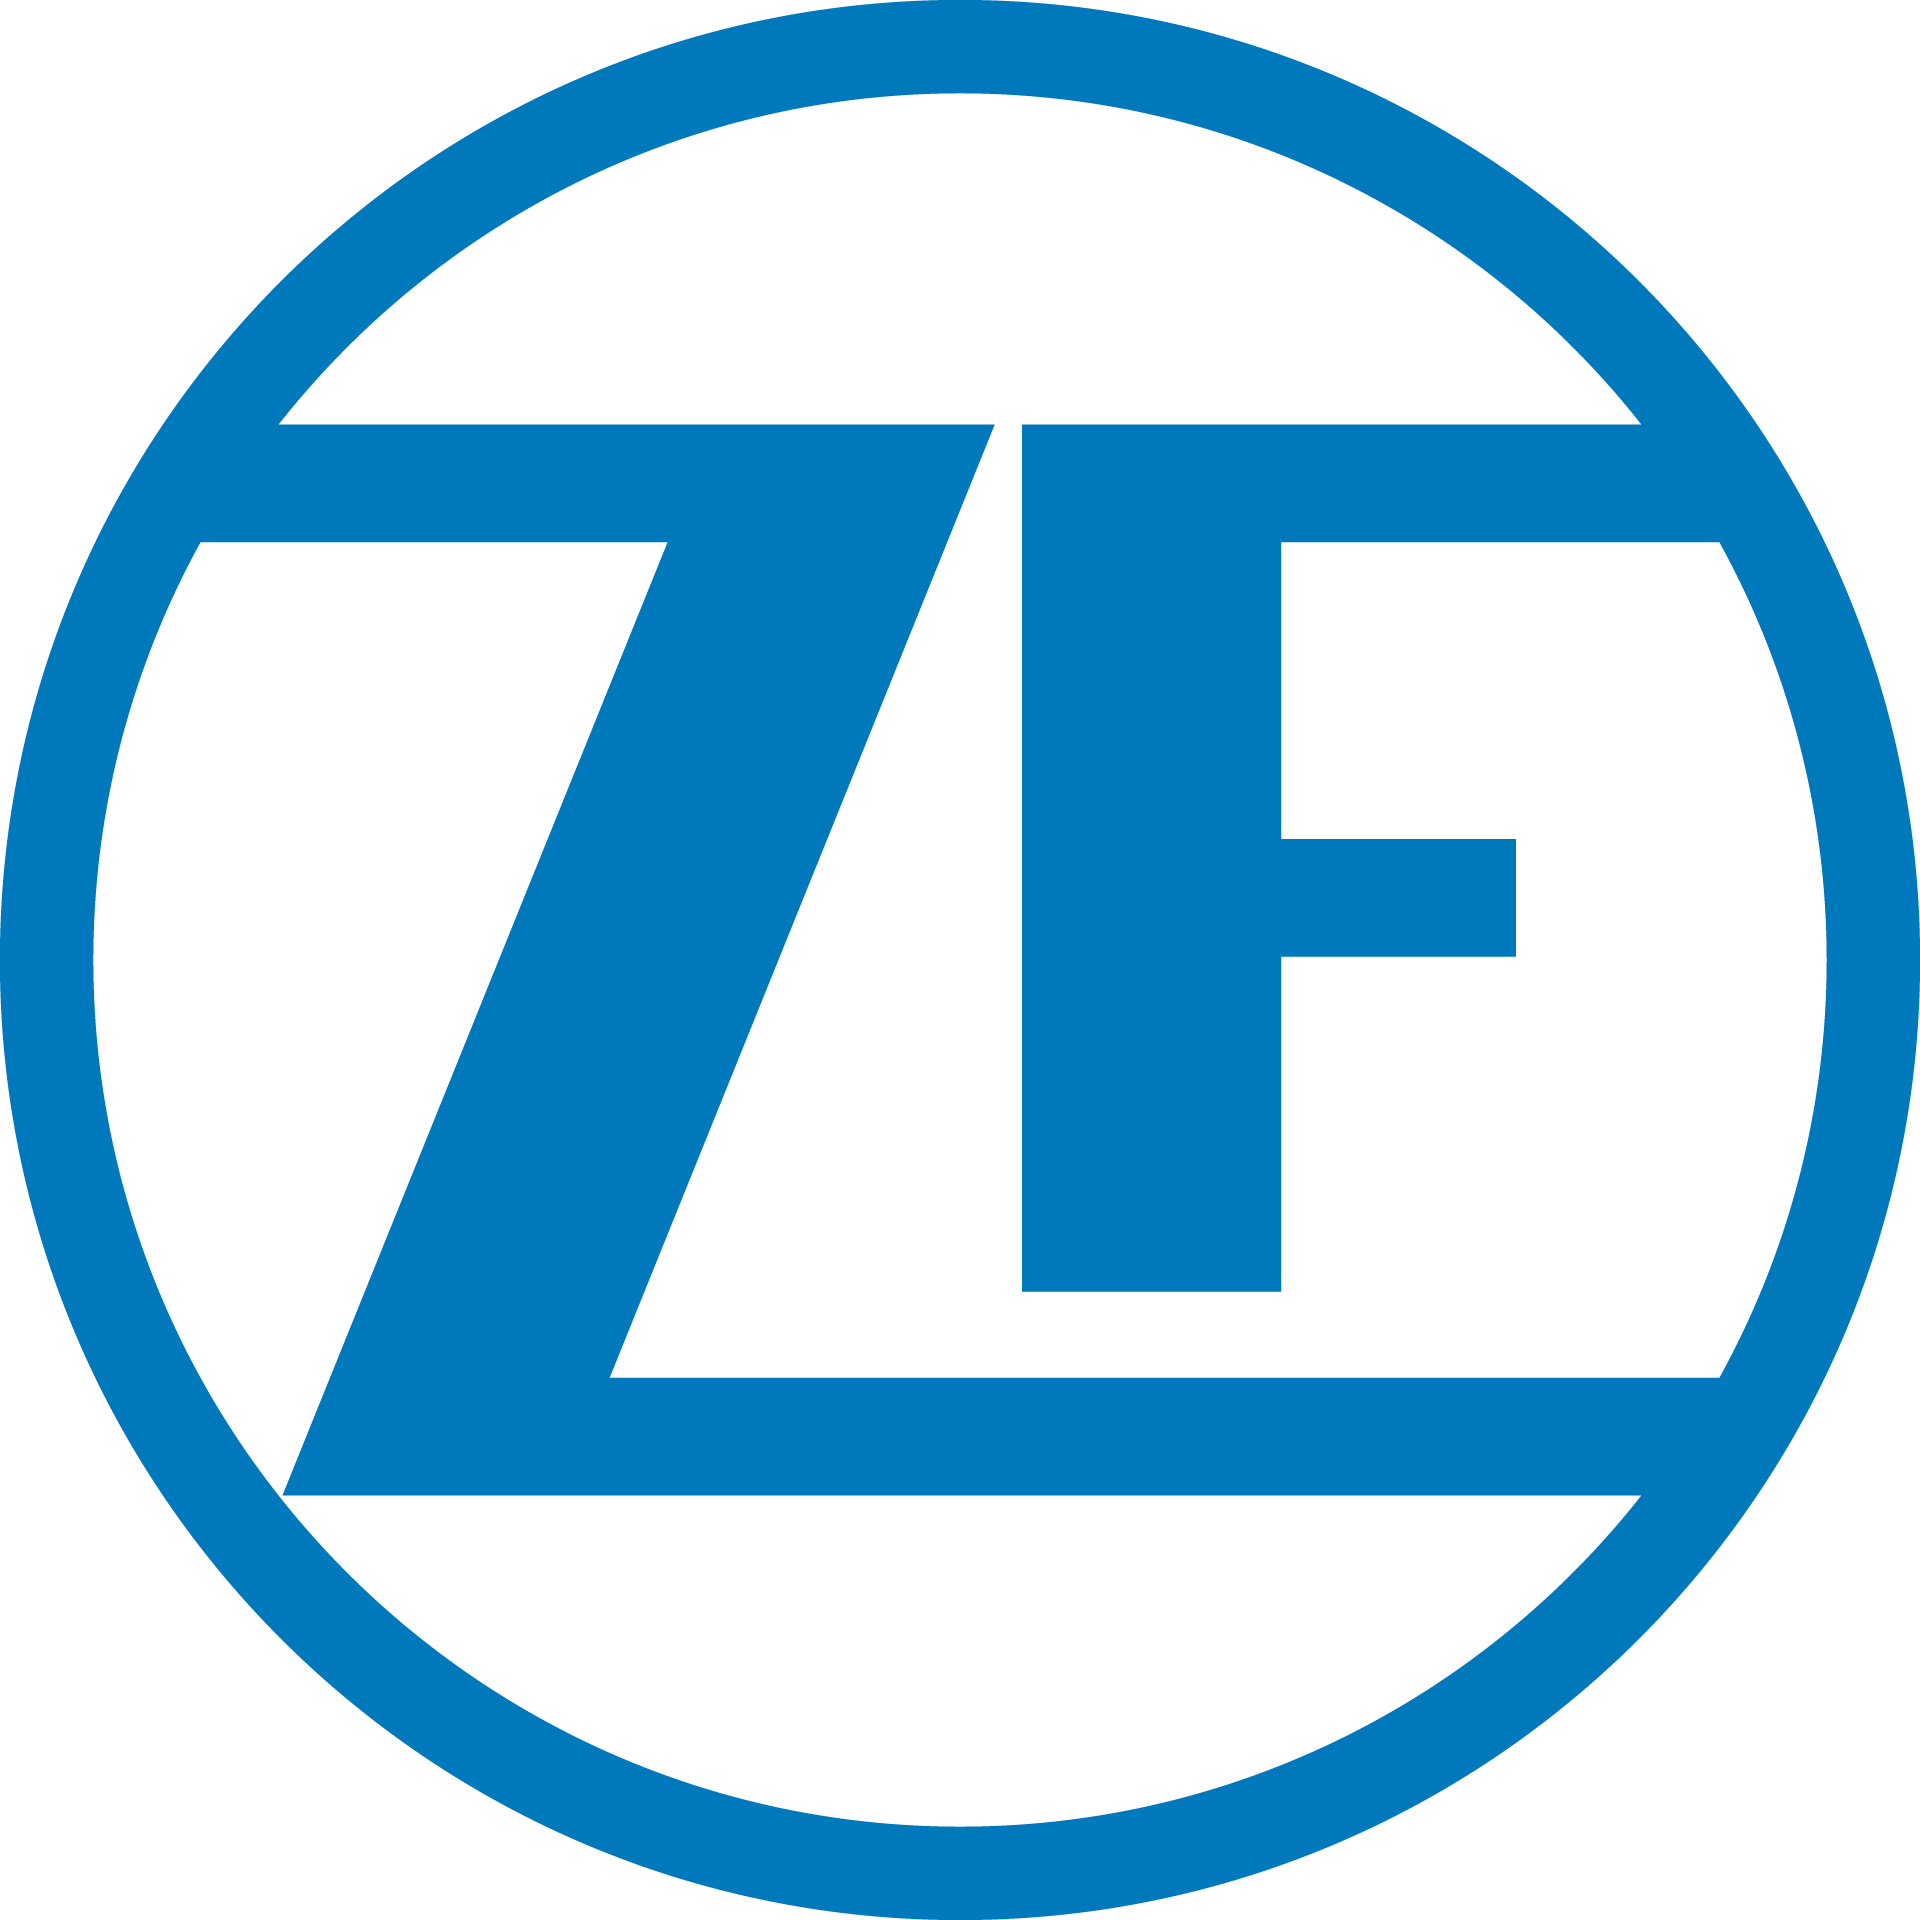 ZF_Logo_Blue_RGB_201709_UN